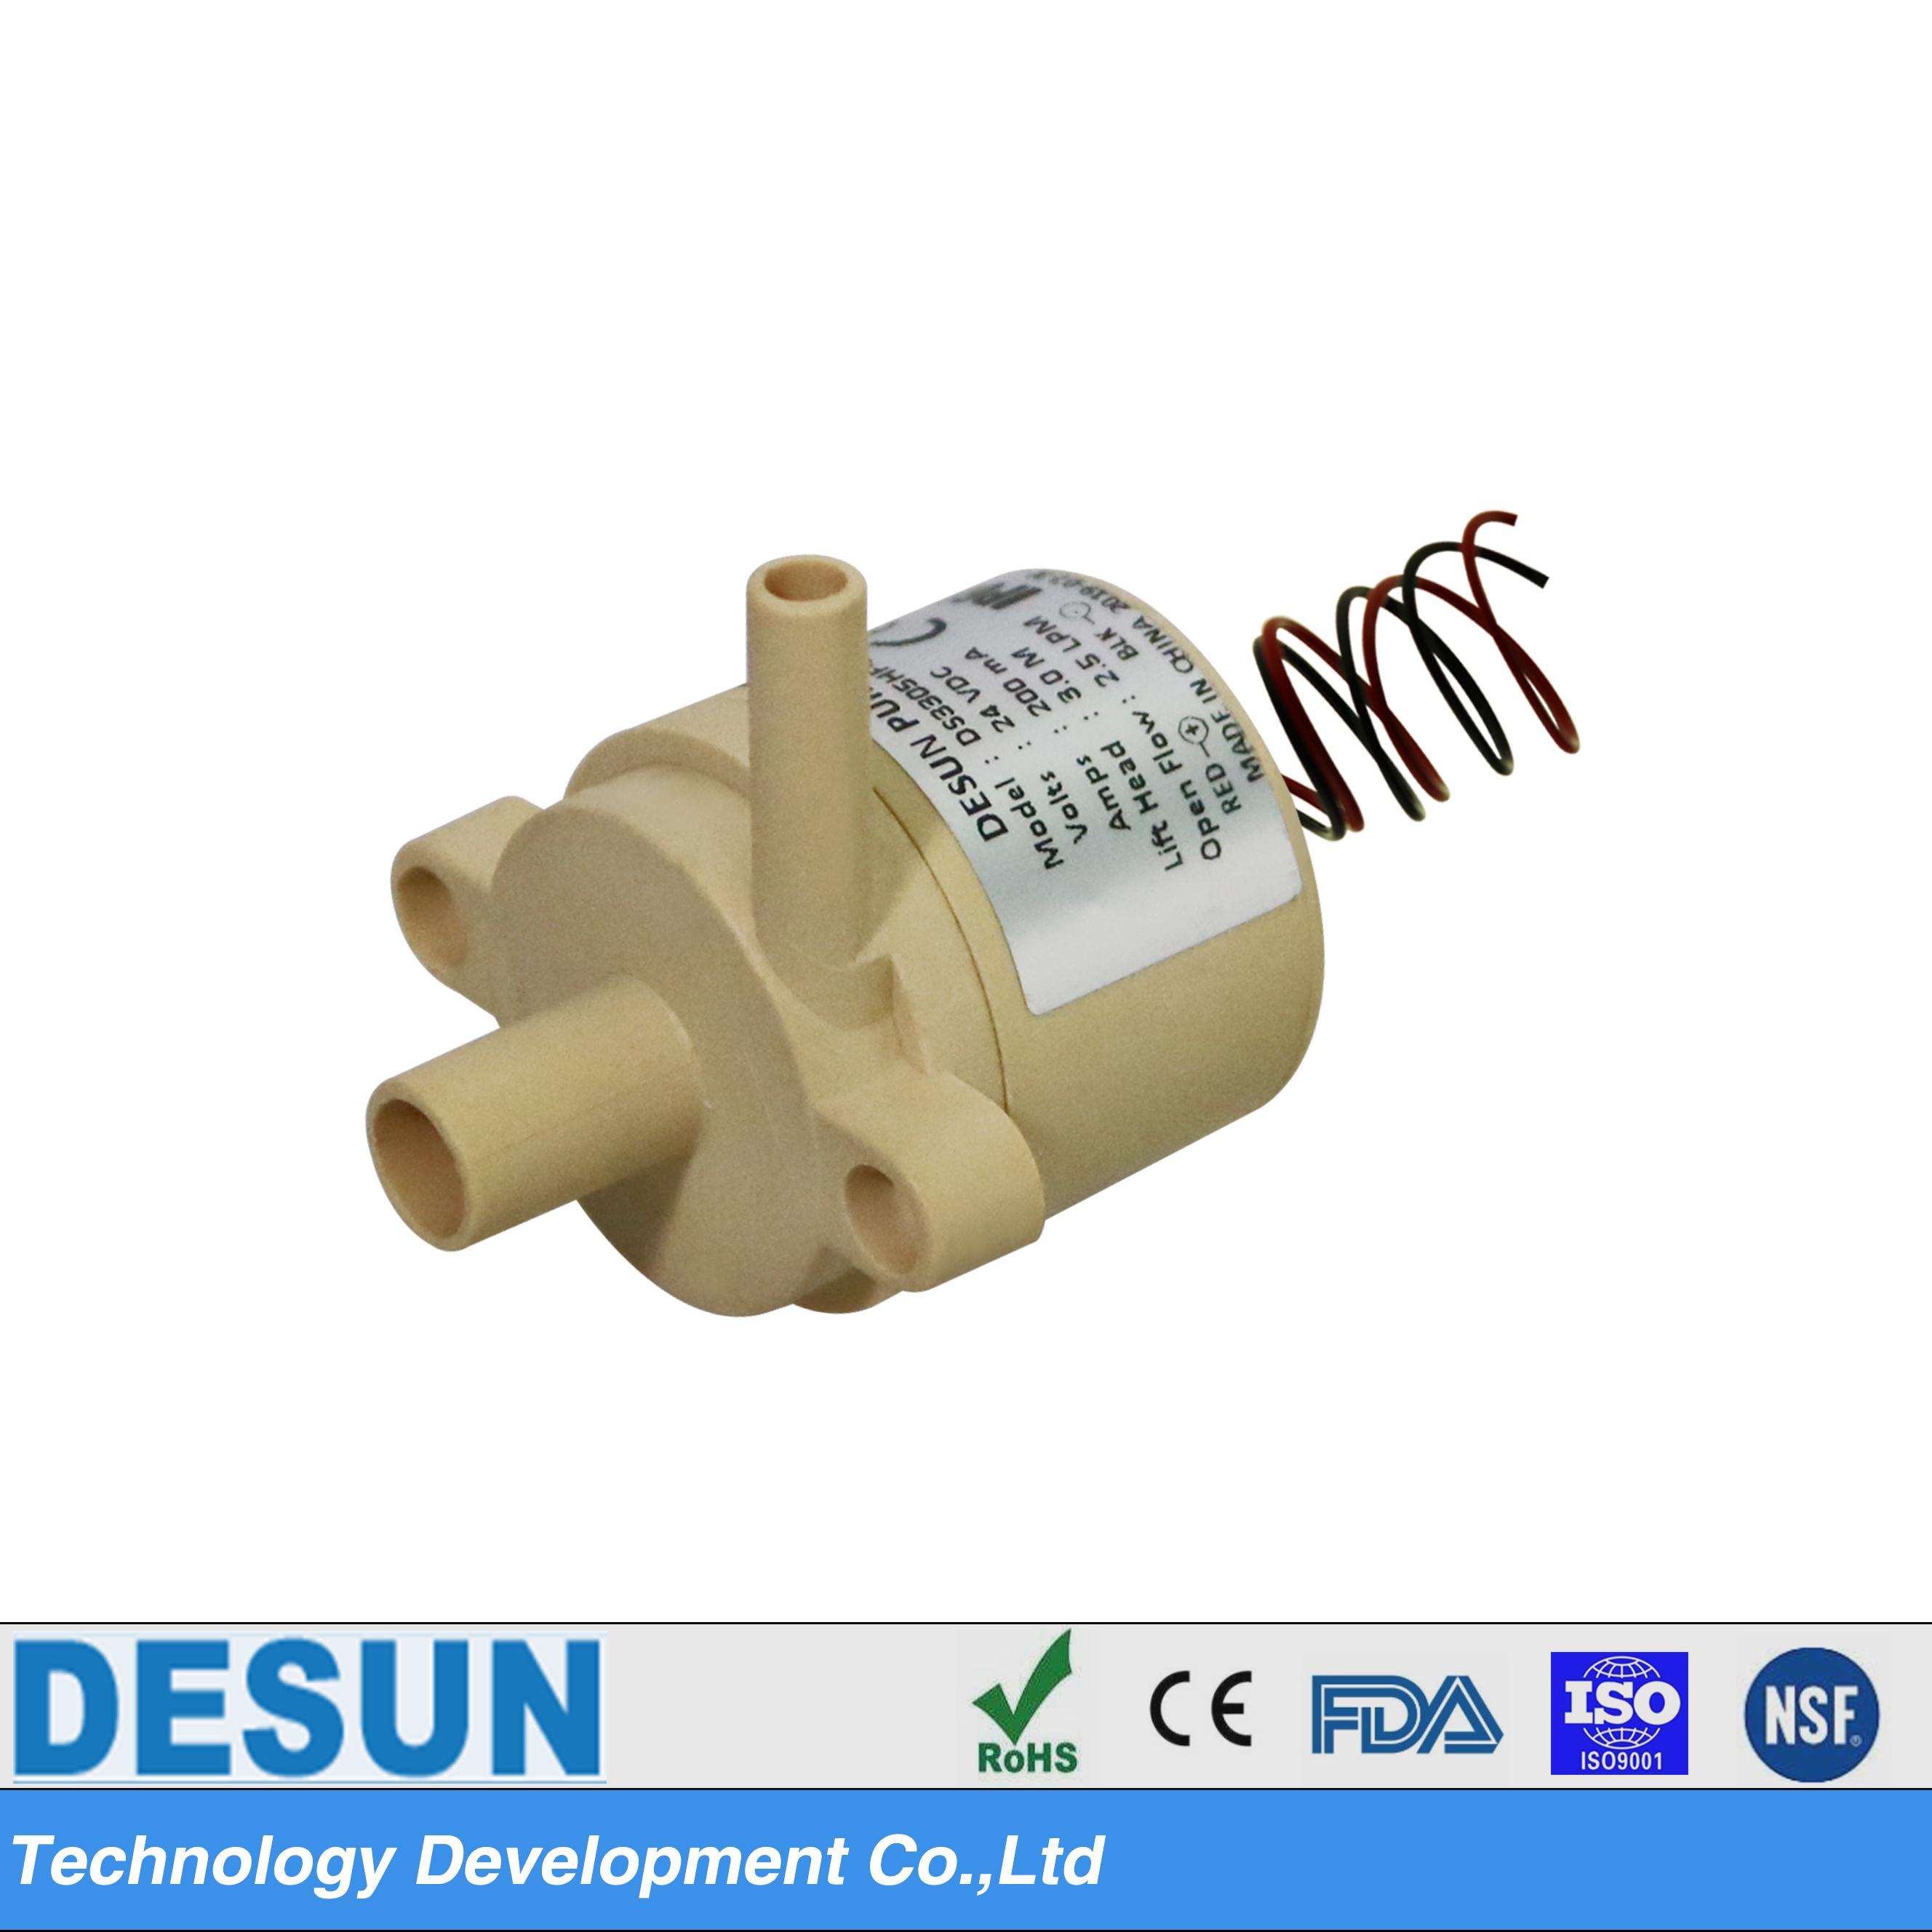 微型直流无刷潜水泵DS3305HF